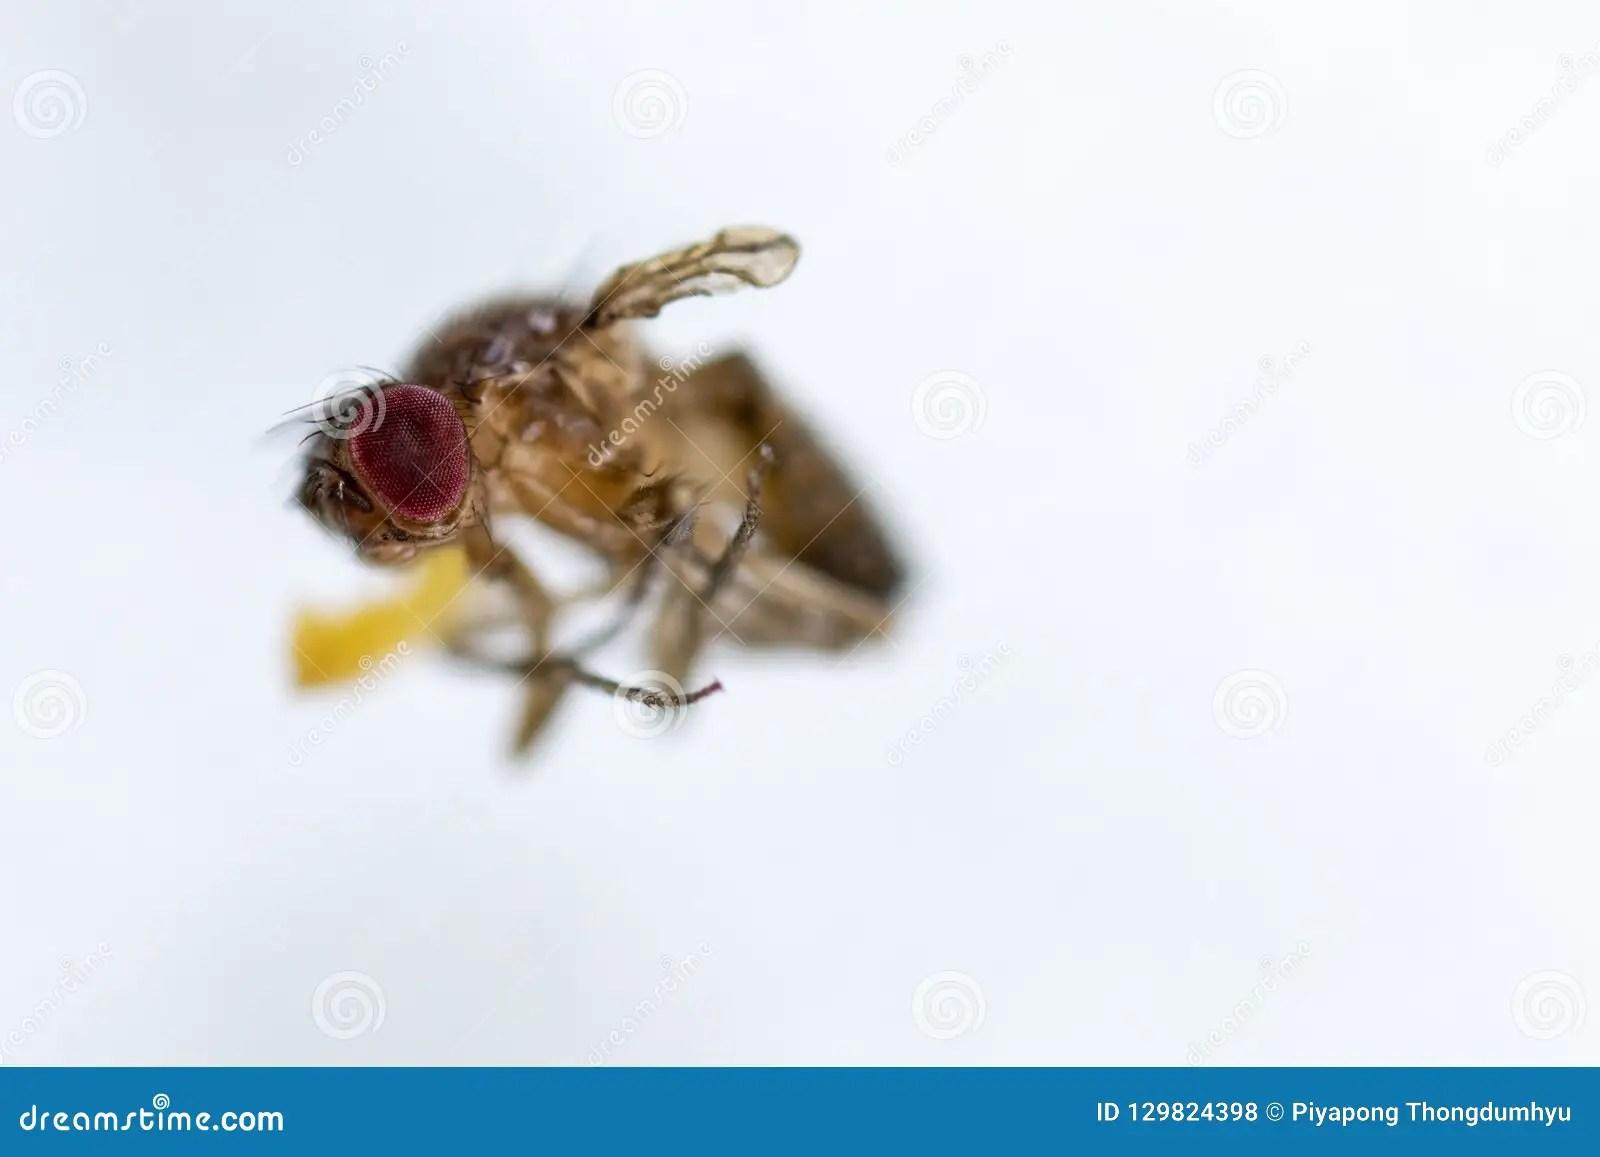 Study Genetic Of Drosophila Melanogaster Fruit Fly